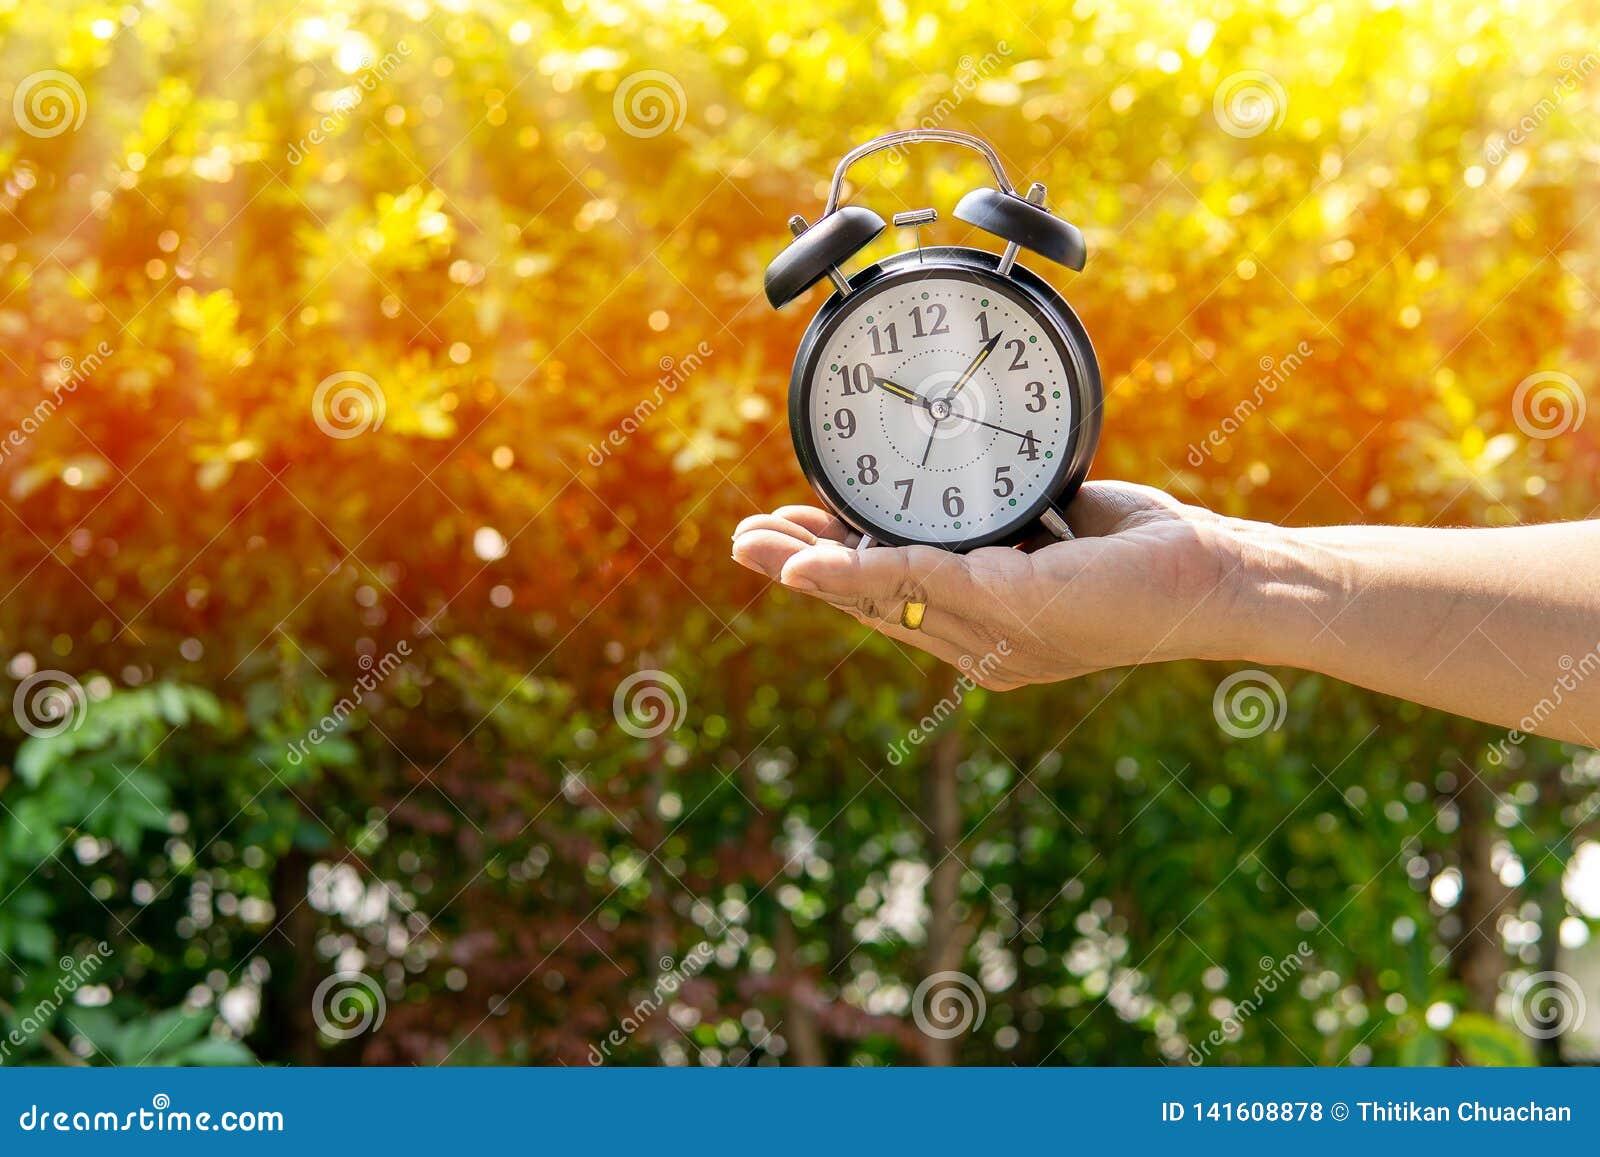 Το ξυπνητήρι εκμετάλλευσης ατόμων στον ήλιο και το υπόβαθρο πάρκων παρουσιάζουν έννοια του δοσίματος του χρόνου ή της διαίρεσης τ